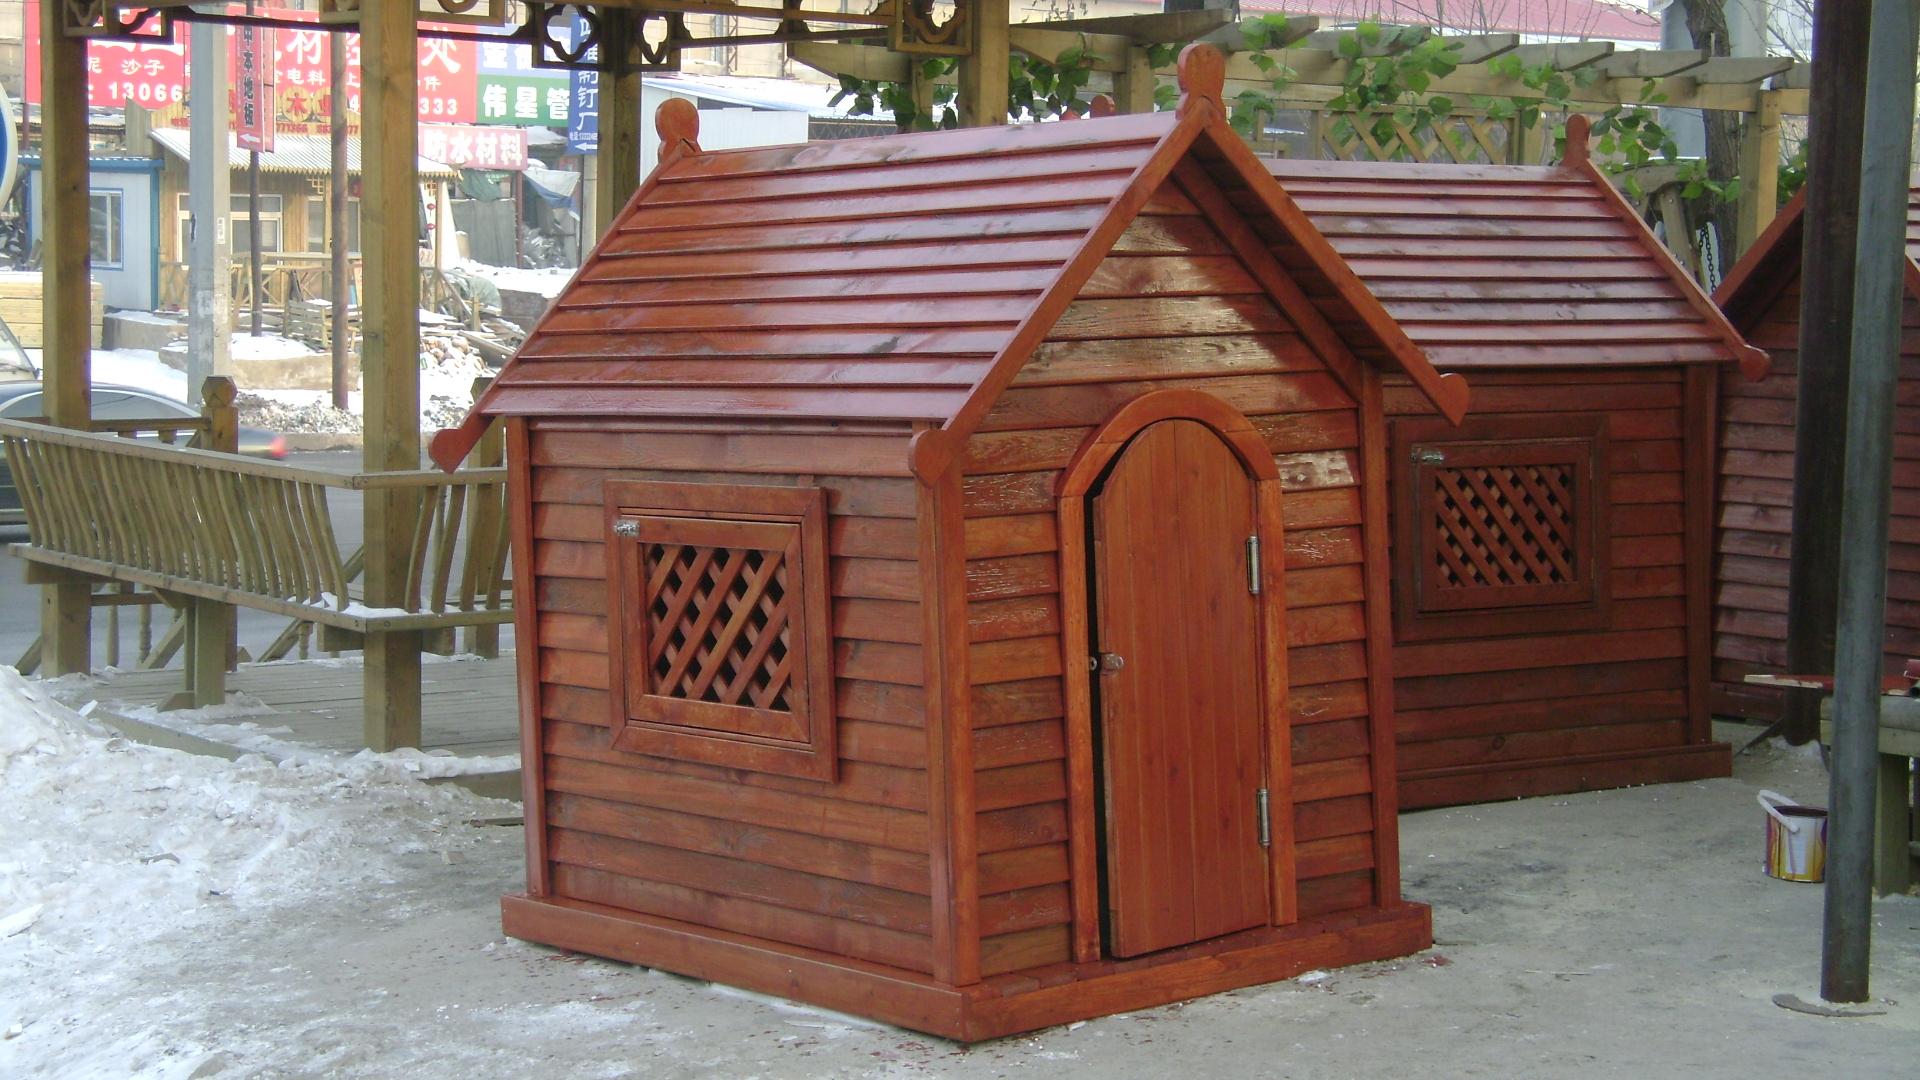 狗窝是指狗舍,狗或狗群的棚舍 。防腐木作为一种永恒的建材,有节能,环保,保温,稳定性高,冬暖夏凉等特点。测试结果表明,一百五十毫米厚的木结构墙体,其保温能力相当于六百一十毫米厚的砖墙。防腐木狗窝在户外,室内使用两相宜,但是在户外使用,要求狗屋要经过防腐防水处理,使用寿命在五年左右。